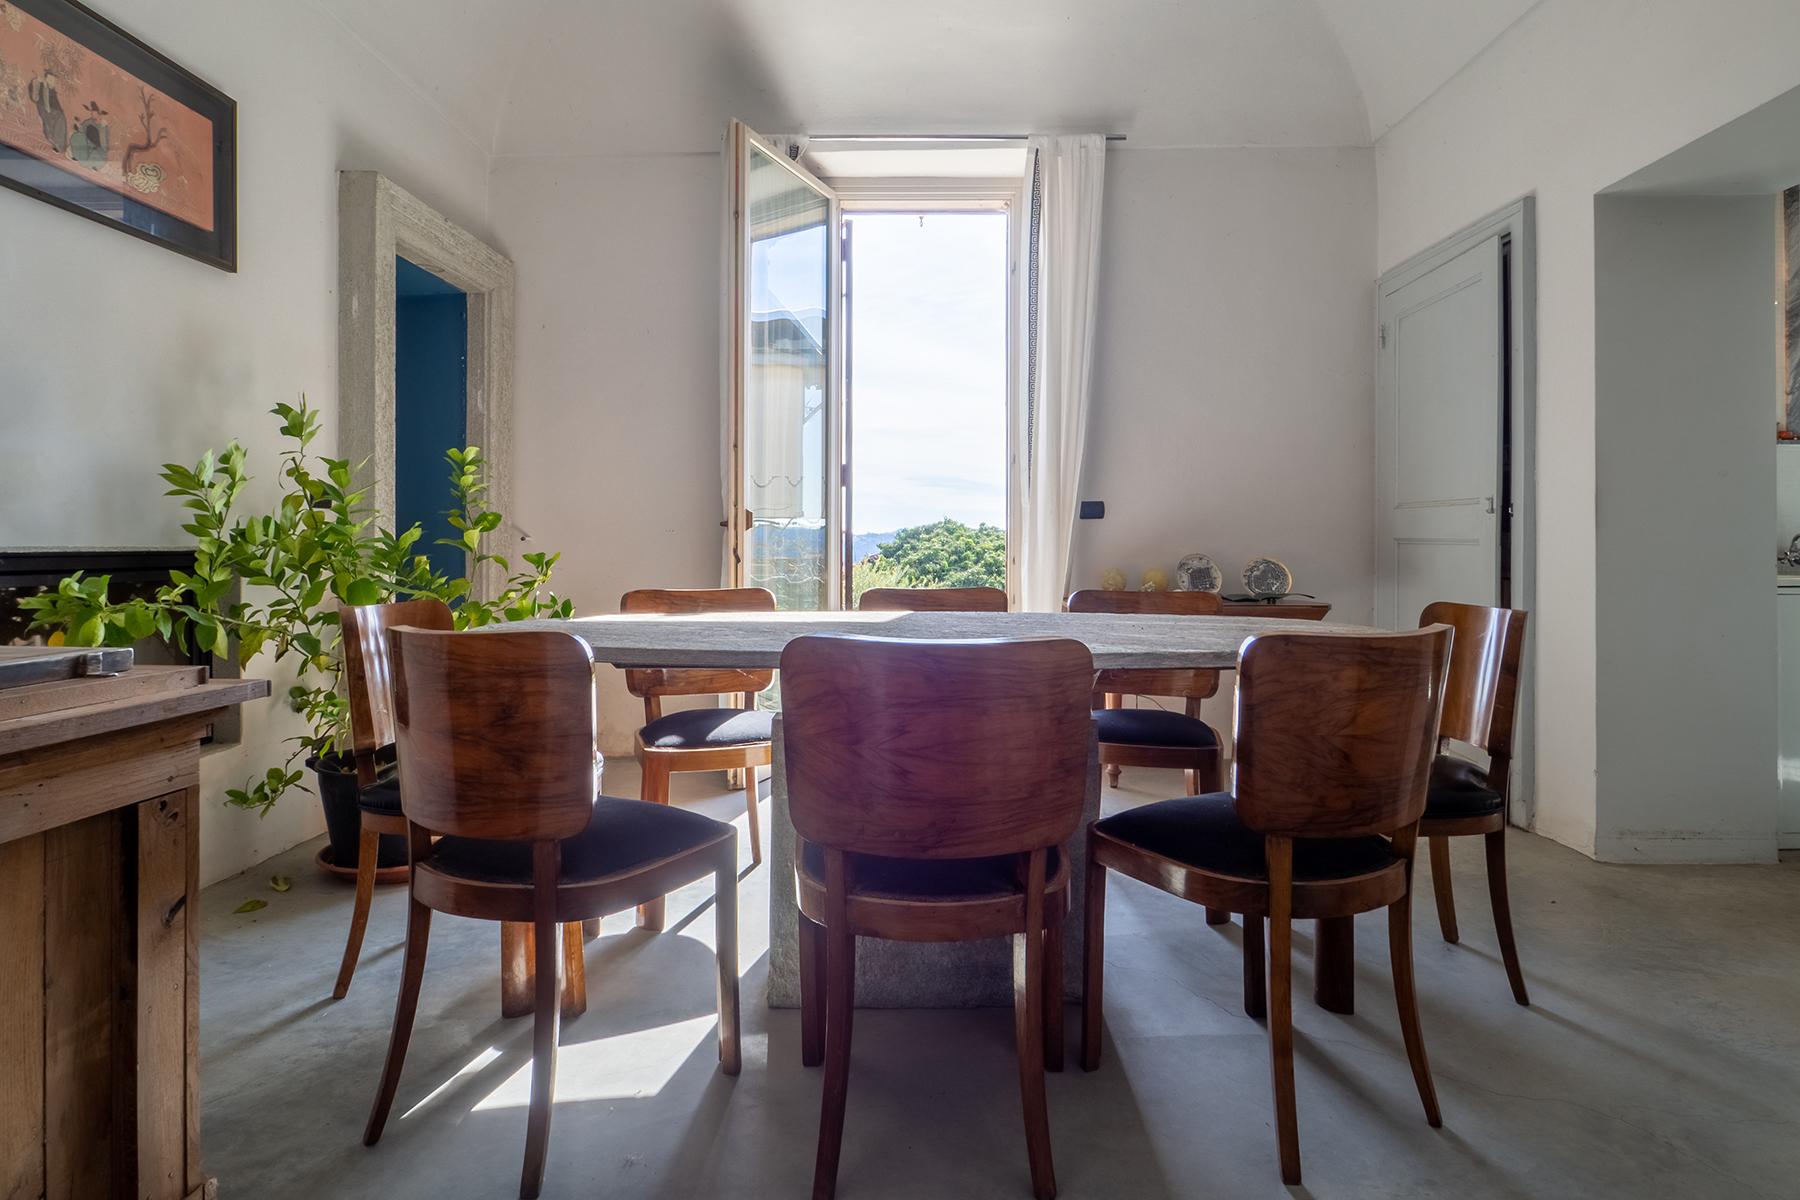 Casa indipendente in Vendita a Moncestino: 5 locali, 300 mq - Foto 2